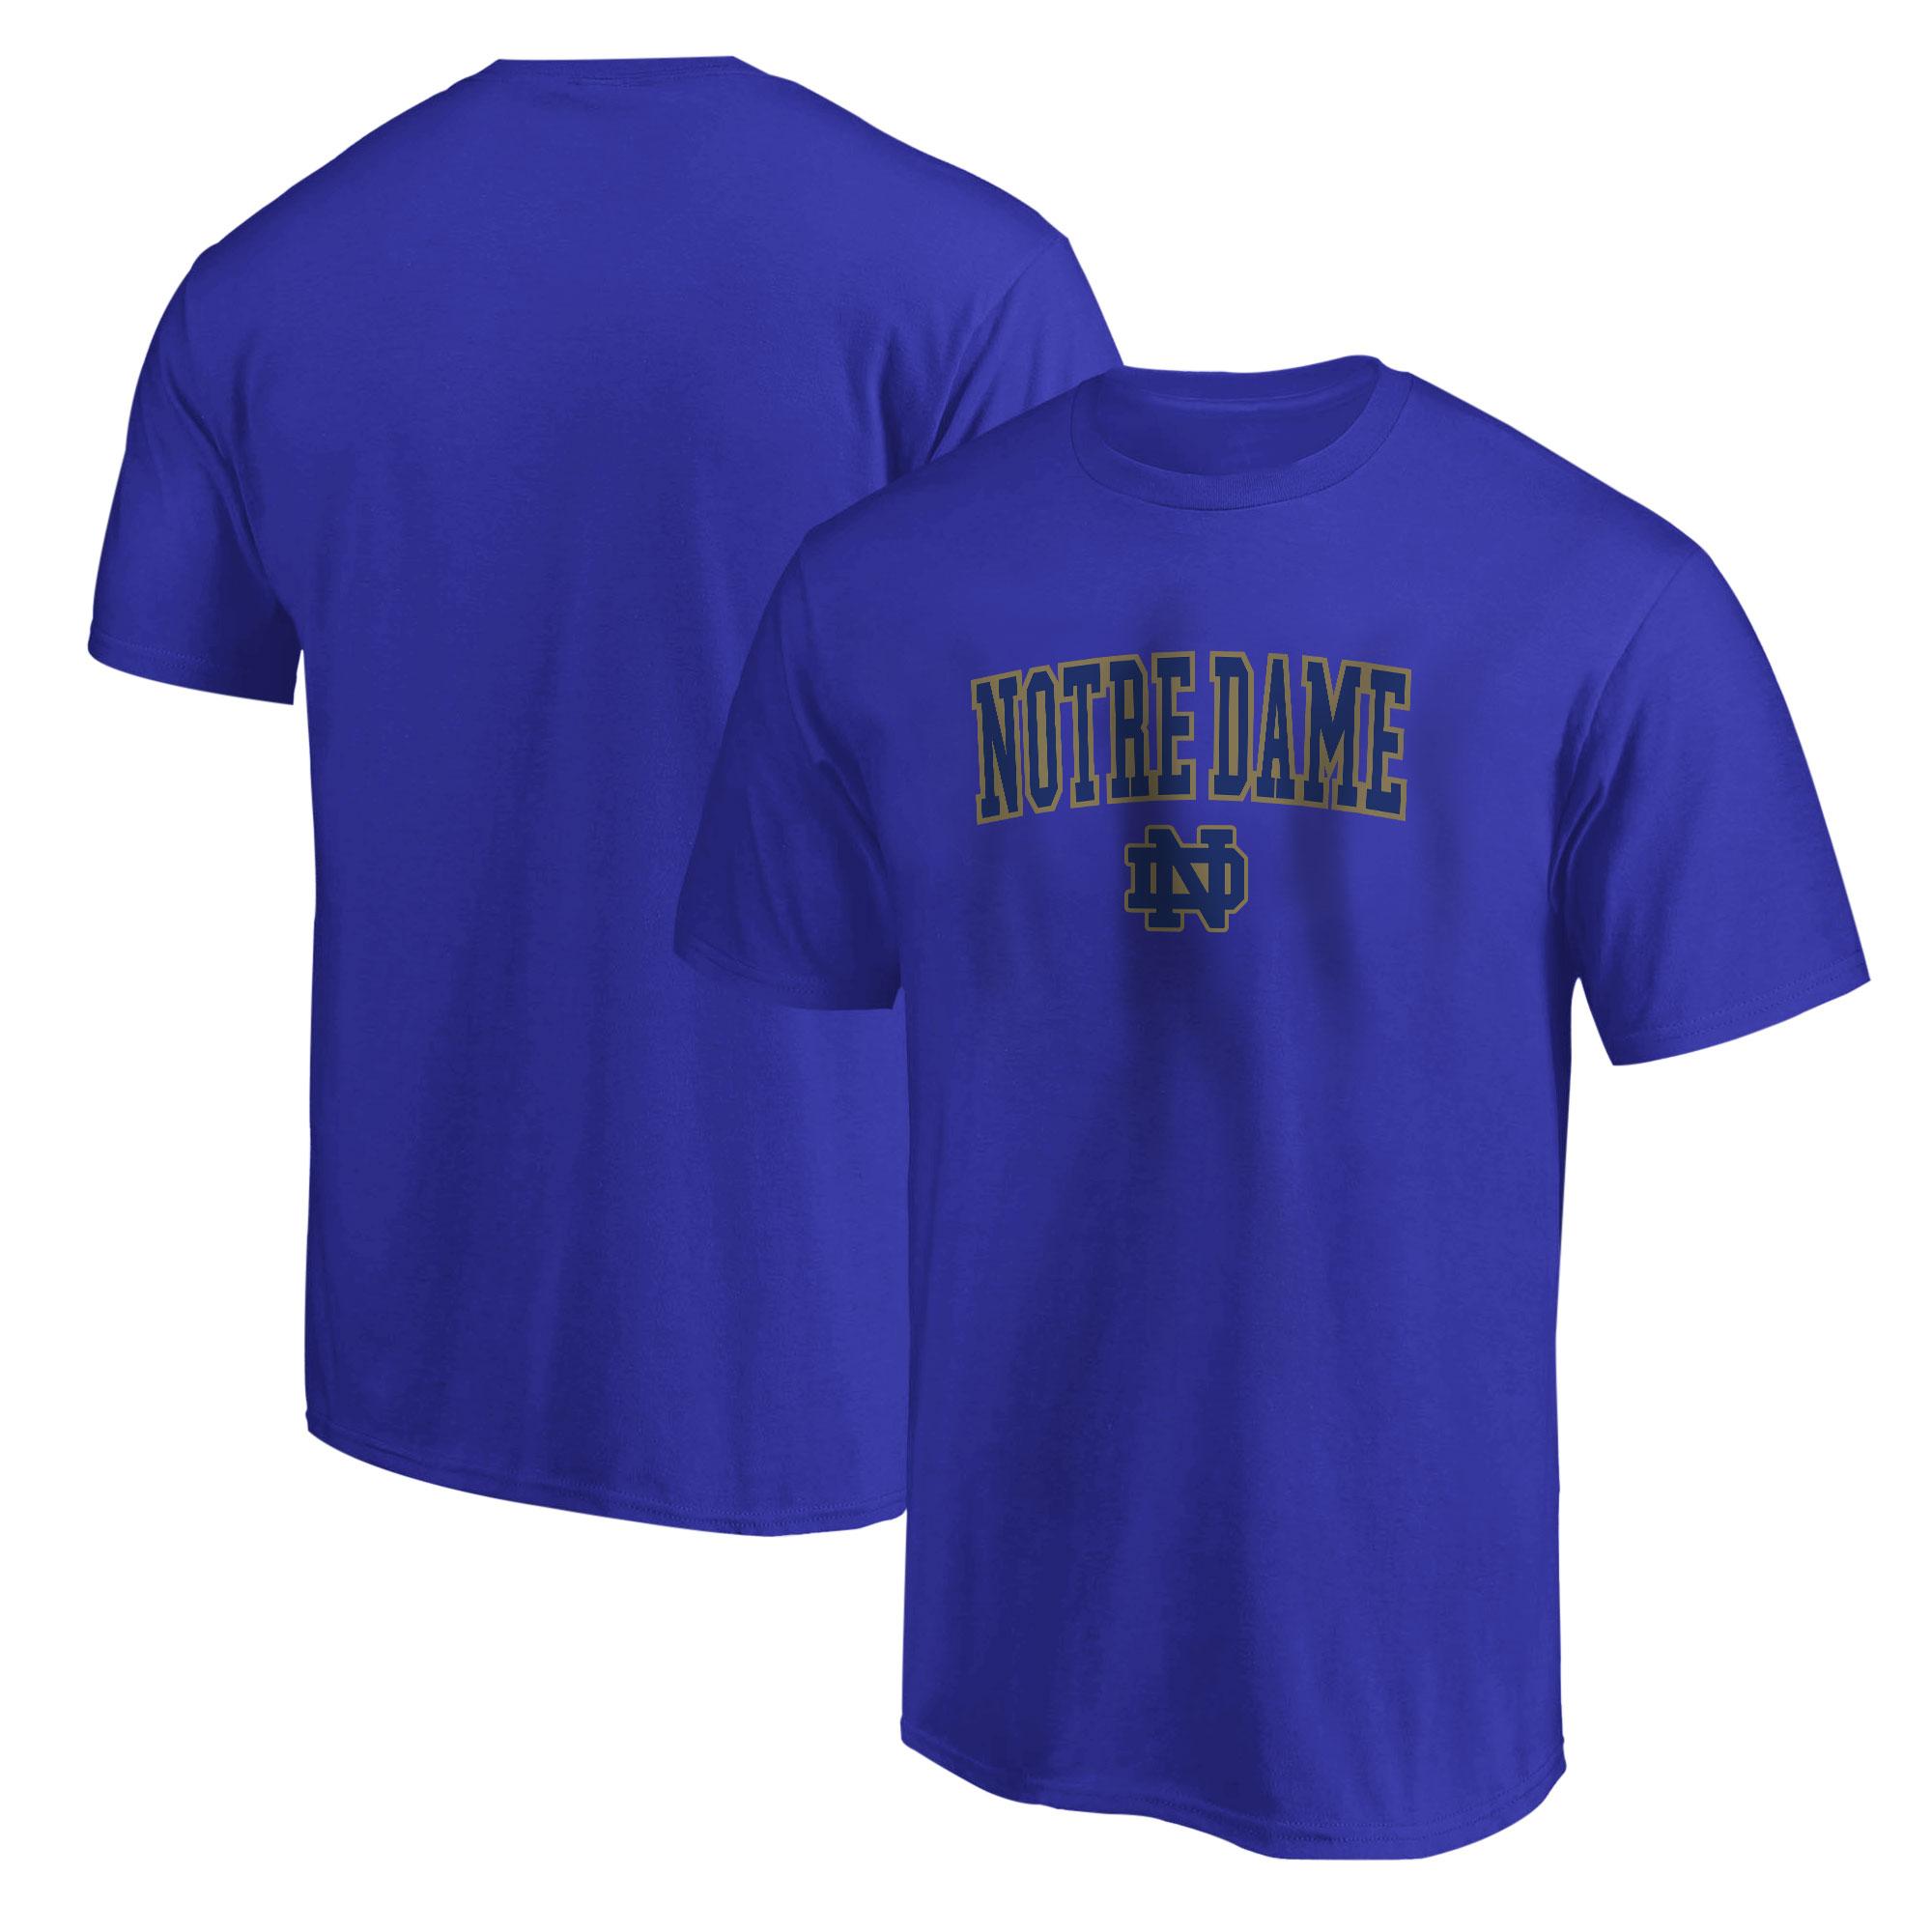 Notredame Tshirt (TSH-GRY-234-NCAA-NOTRE-LOGO)